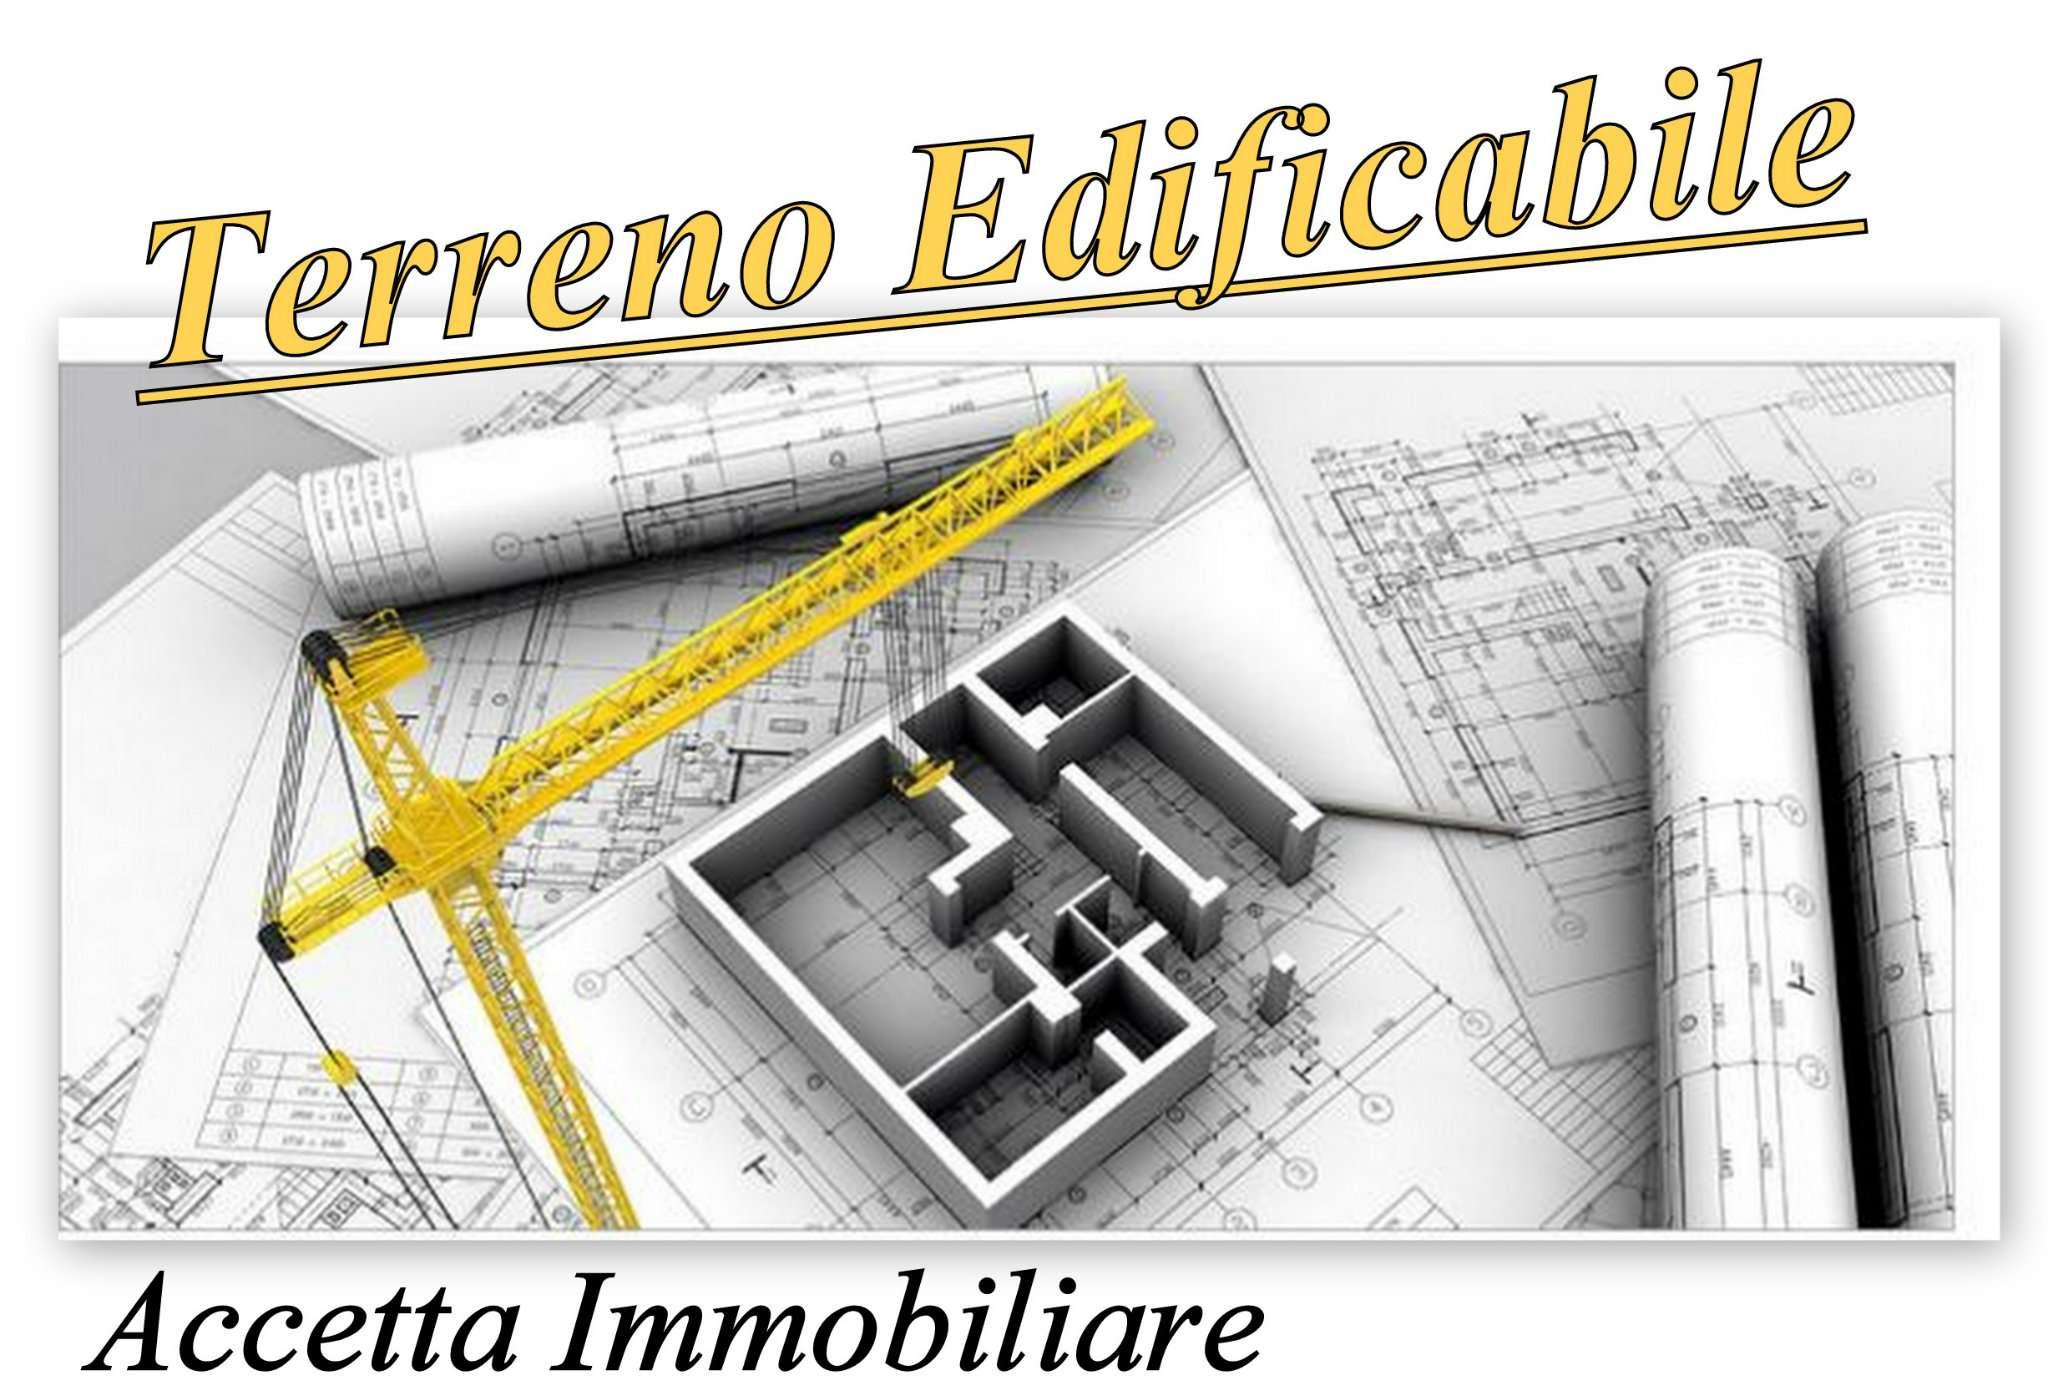 Terreno edificabile in vendita a Lama, Taranto